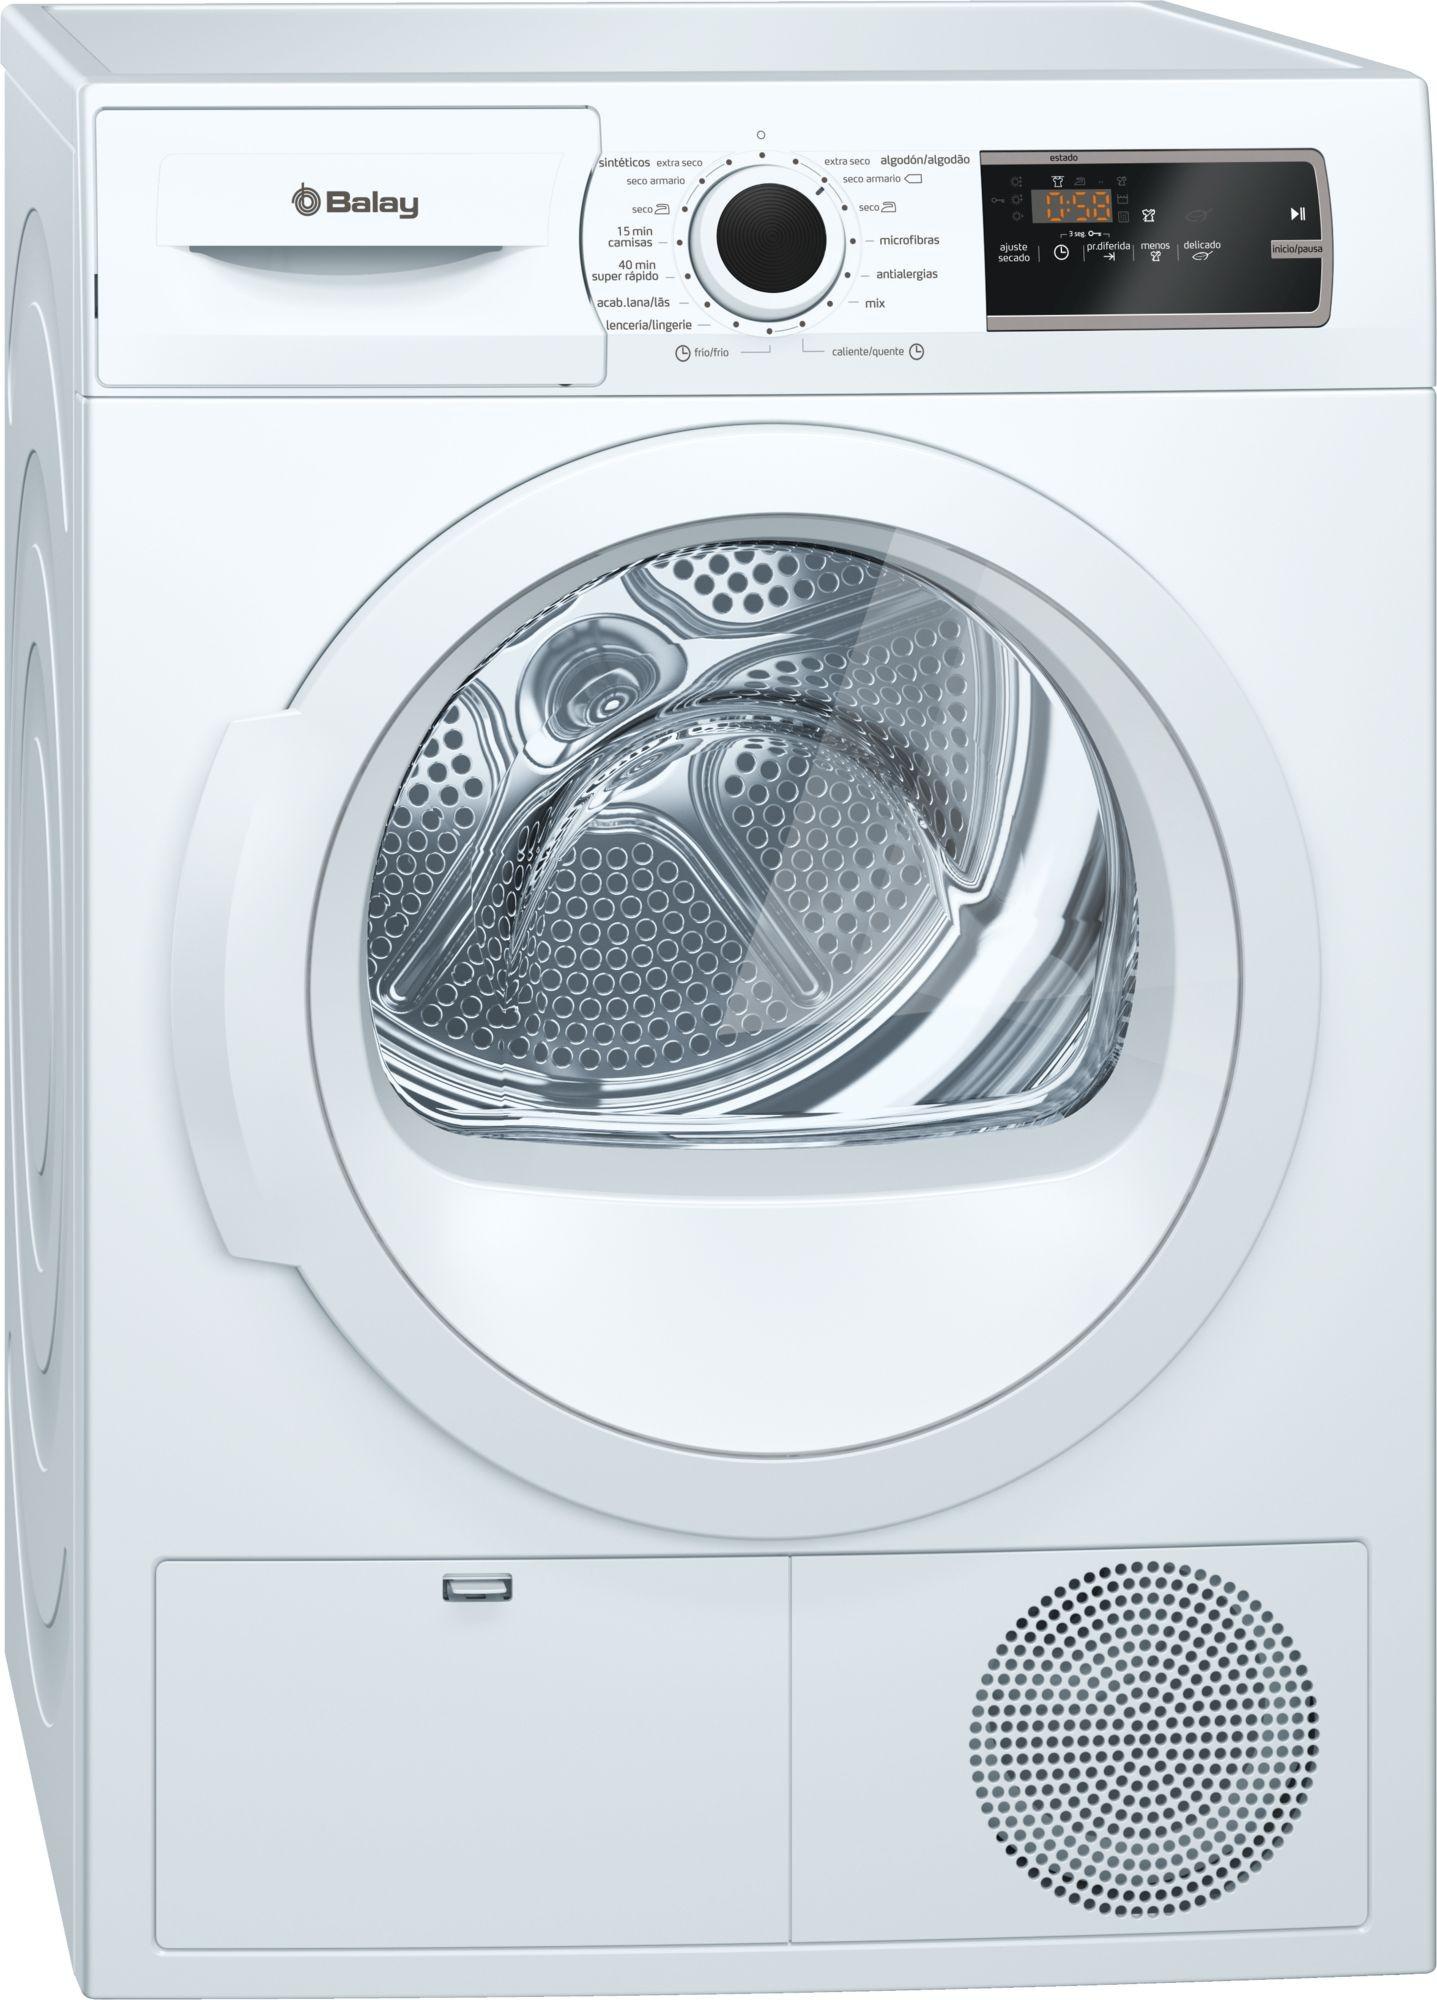 secadora balay 3sb988ba blanco 8kg